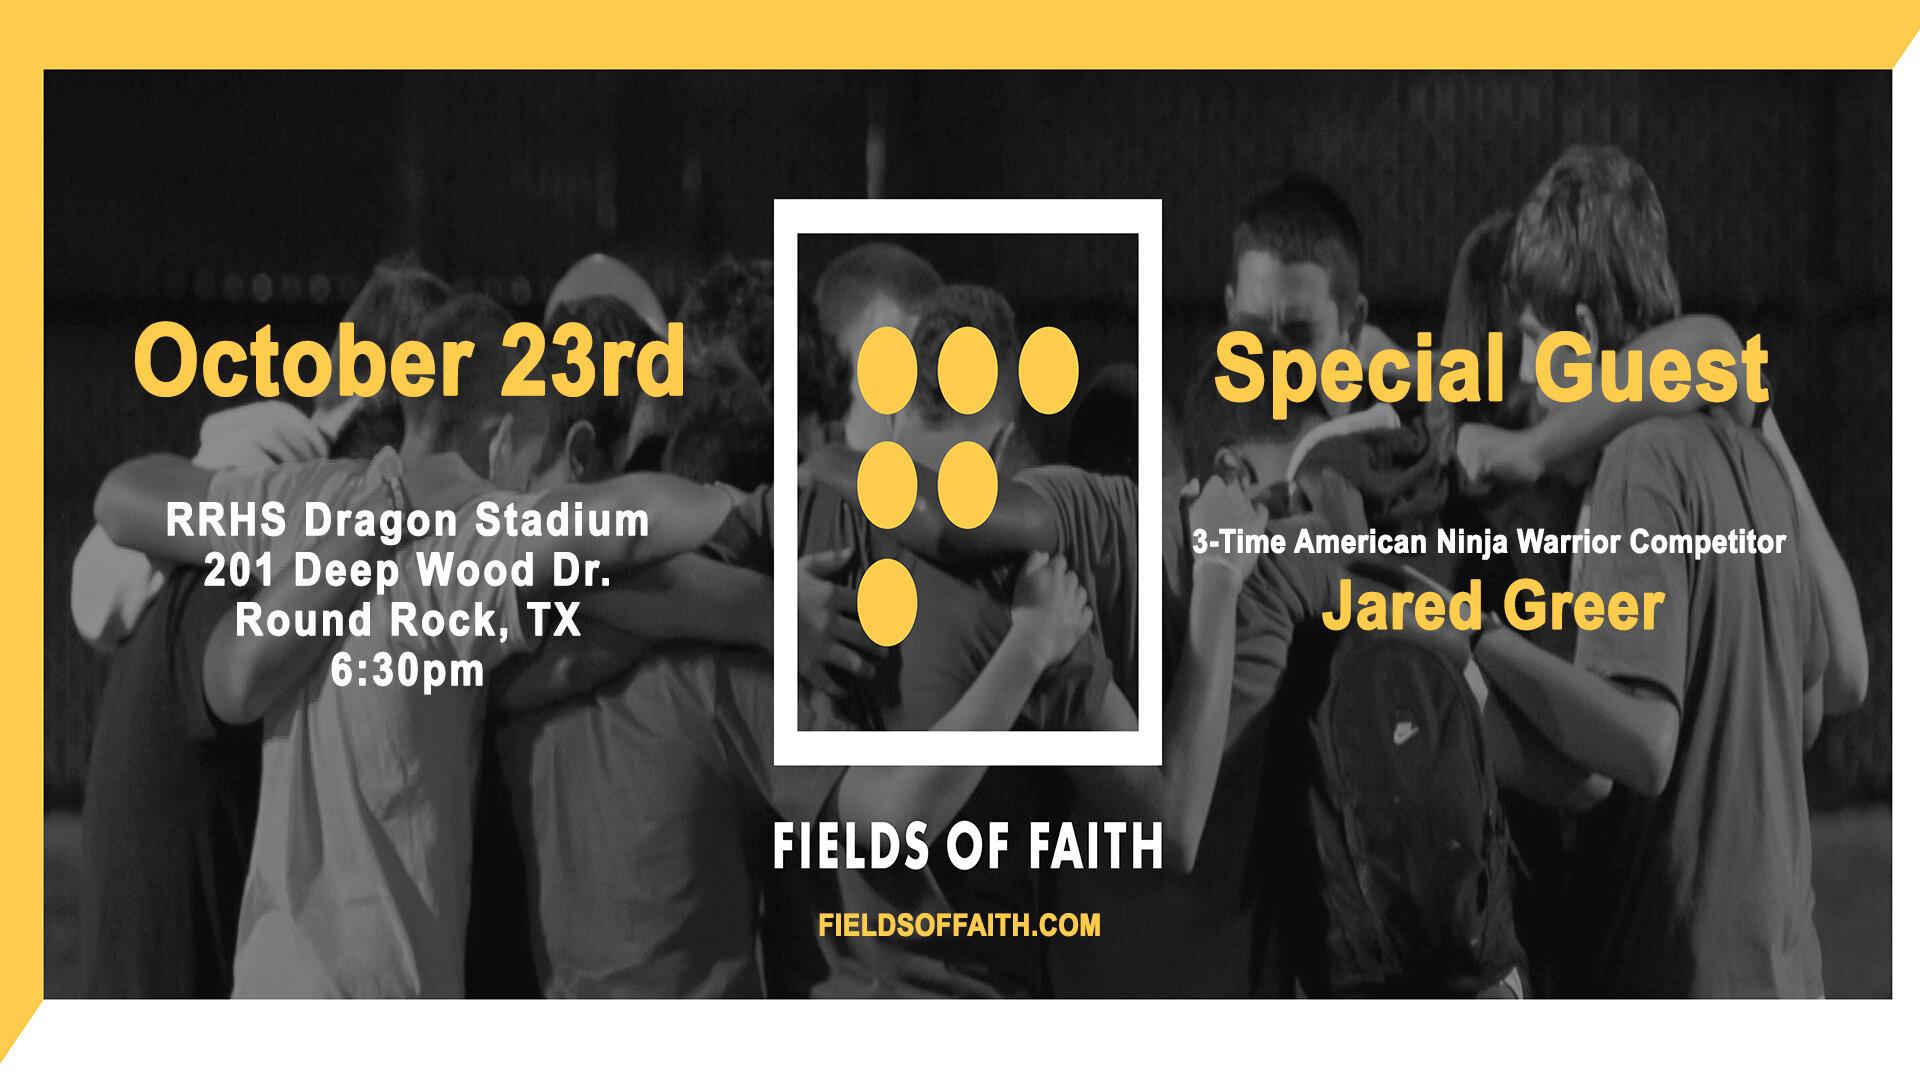 Fields of Faith 2.jpg